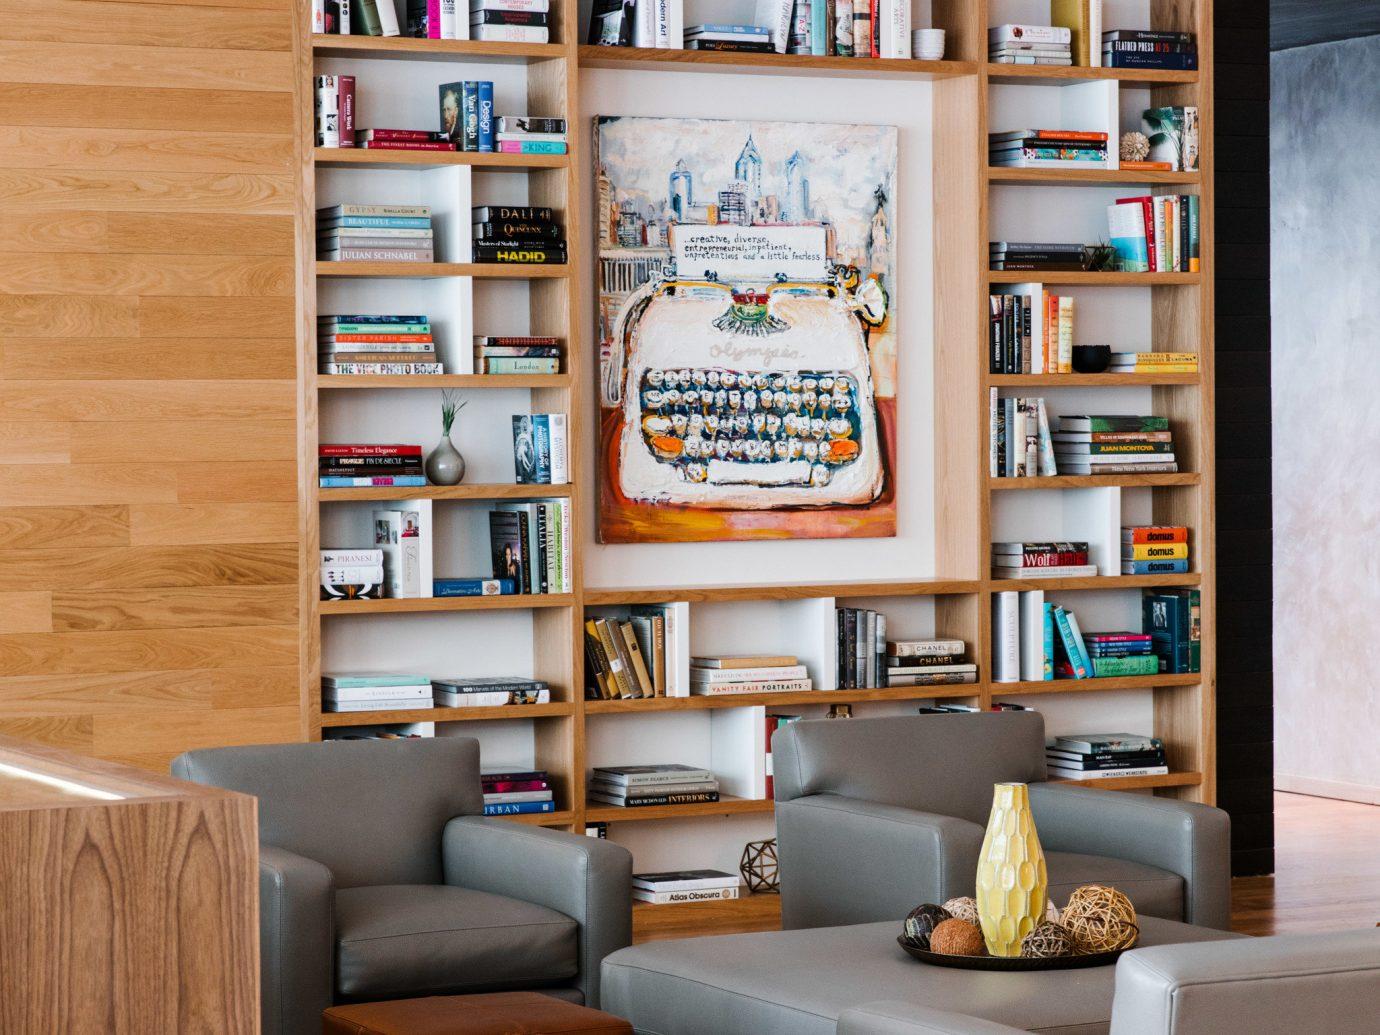 Boutique Hotels Hotels Philadelphia indoor floor shelving shelf furniture living room Living interior design bookcase home table interior designer wood